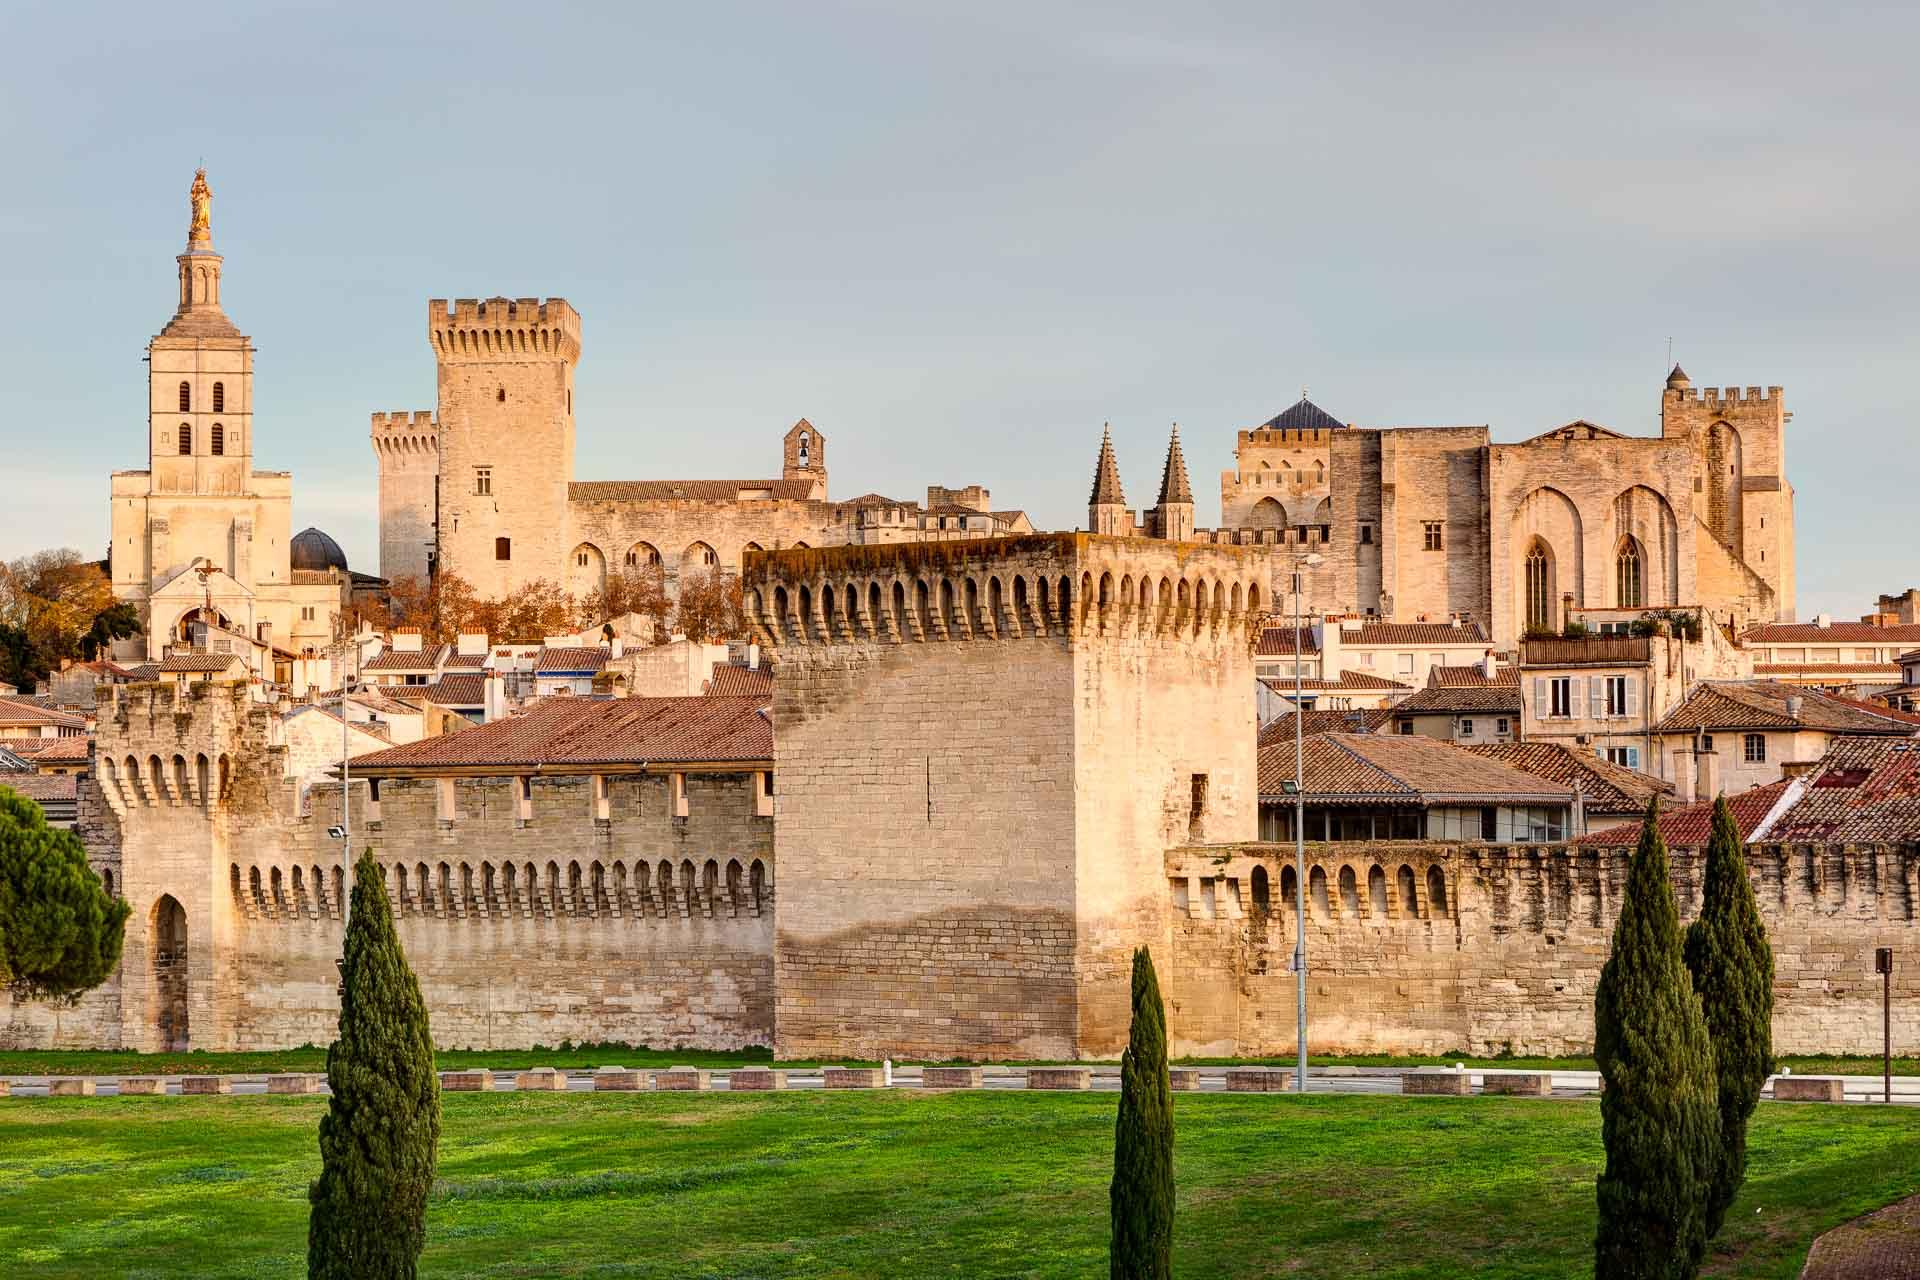 Quelles sont les meilleures adresses d'Avignon ? Capitale du théâtre en été, Avignon attire pour la richesse de son histoire, mais aussi pour sa gastronomie de haut vol et la beauté des paysages de Provence. Tour d'horizon des bonnes adresses pour un long week-end dans la cité des papes !